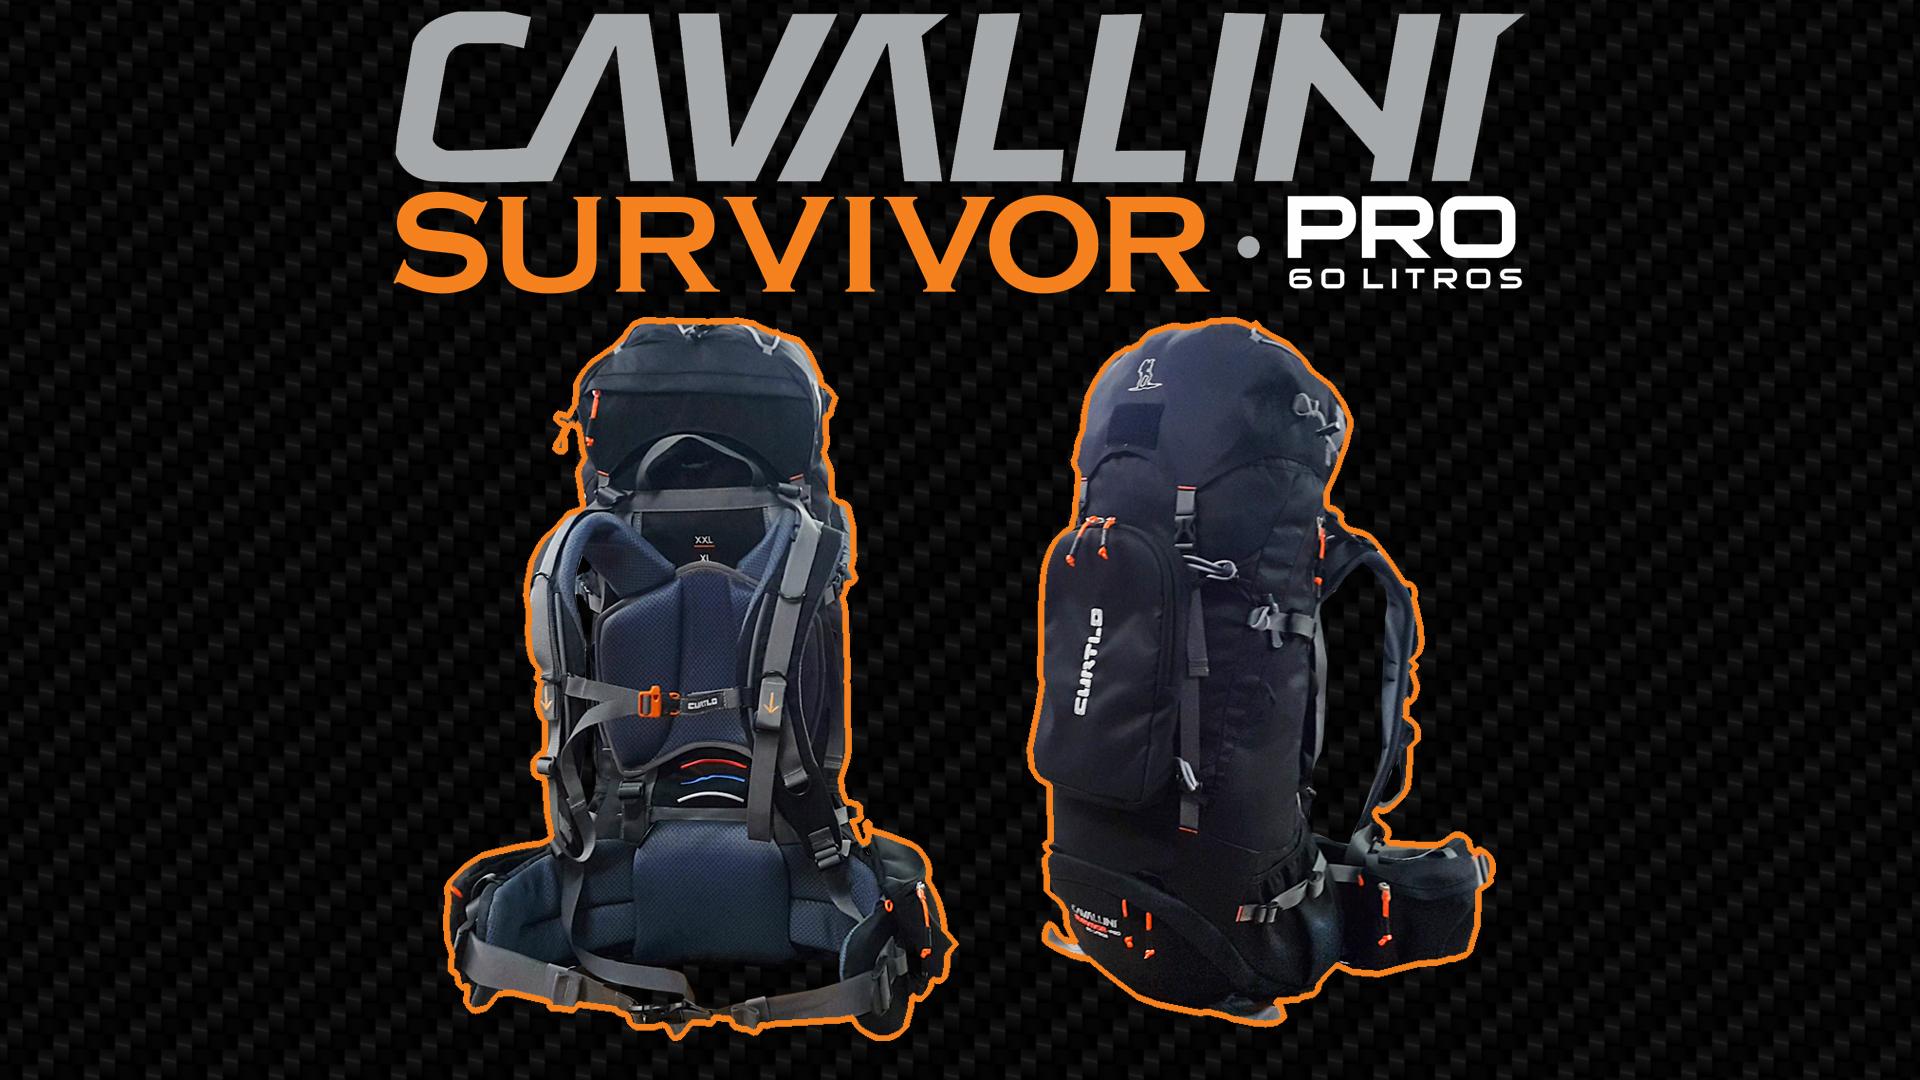 Mochila Cavallini Survivor Pro